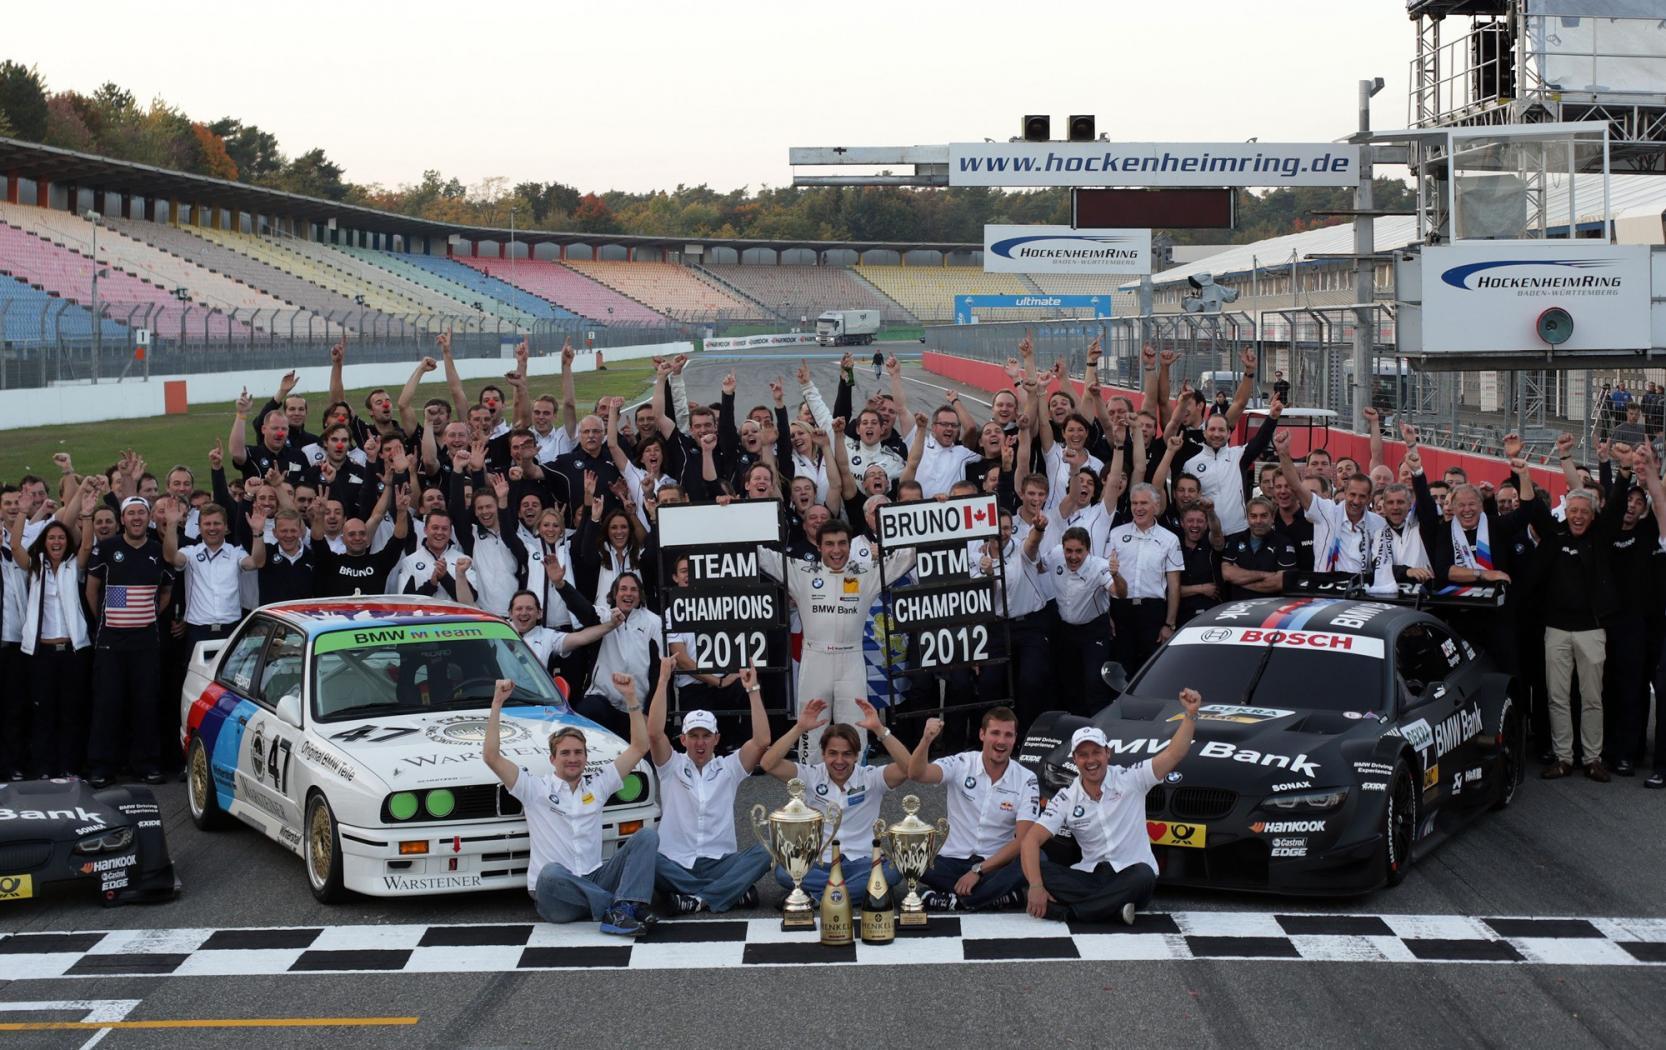 BMW-est-championne-en-DTM-en-2012.jpeg